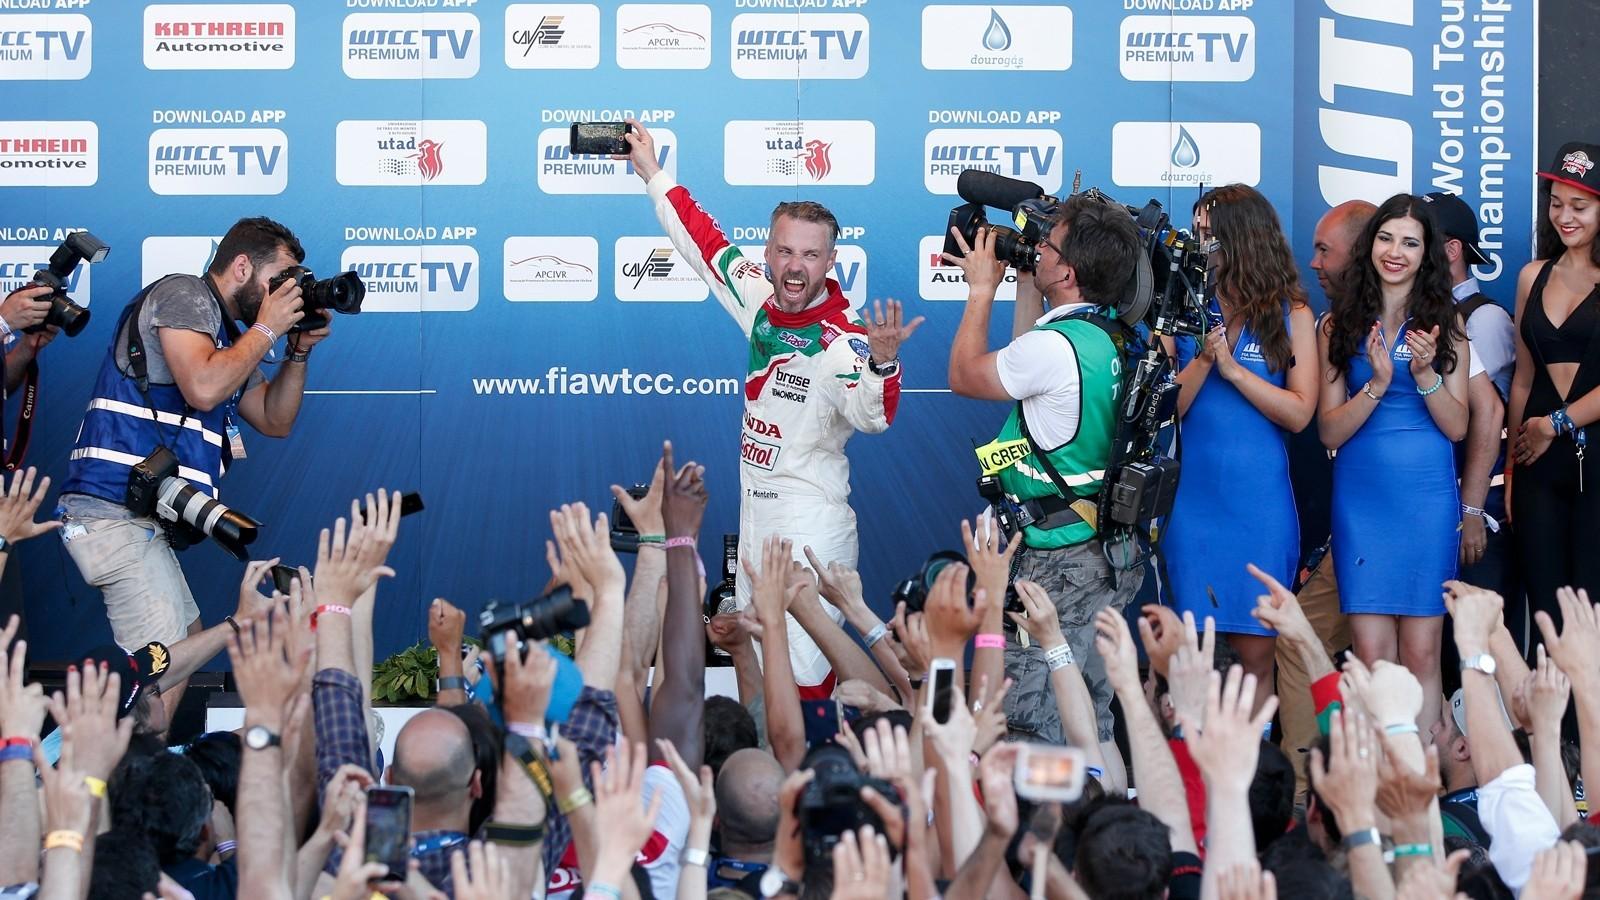 Победителем главной гонки стал местный герой Тьяго Монтейро